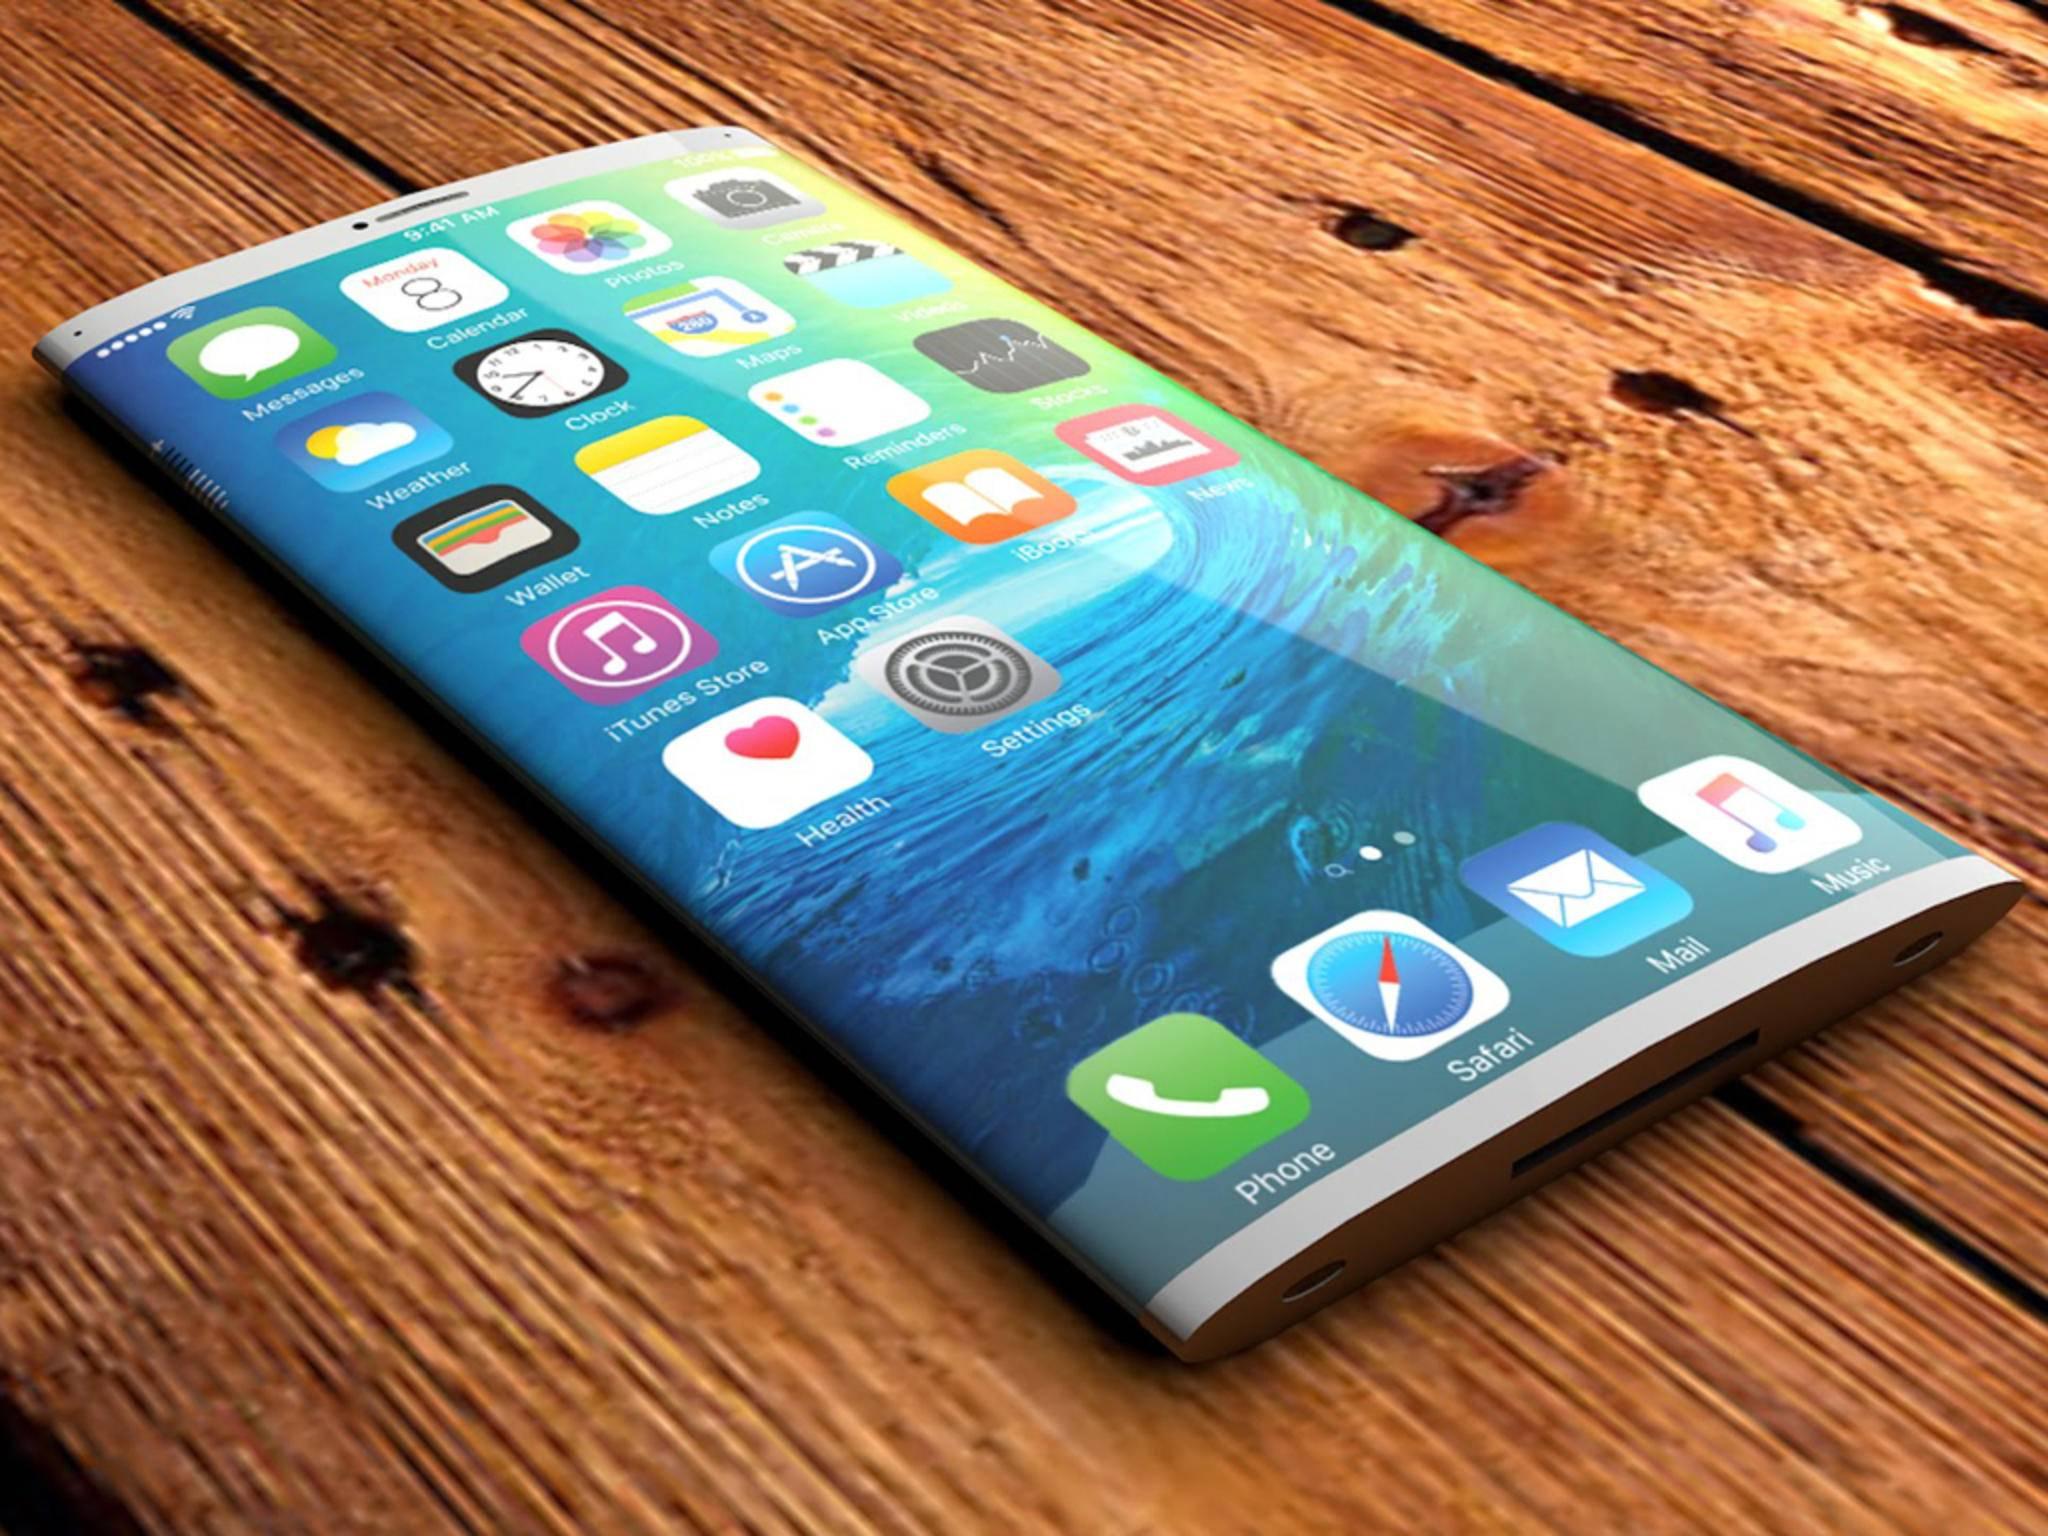 Das nächste iPhone (Konzeptbild) soll sich deutlicher von den Vorgängern unterscheiden.